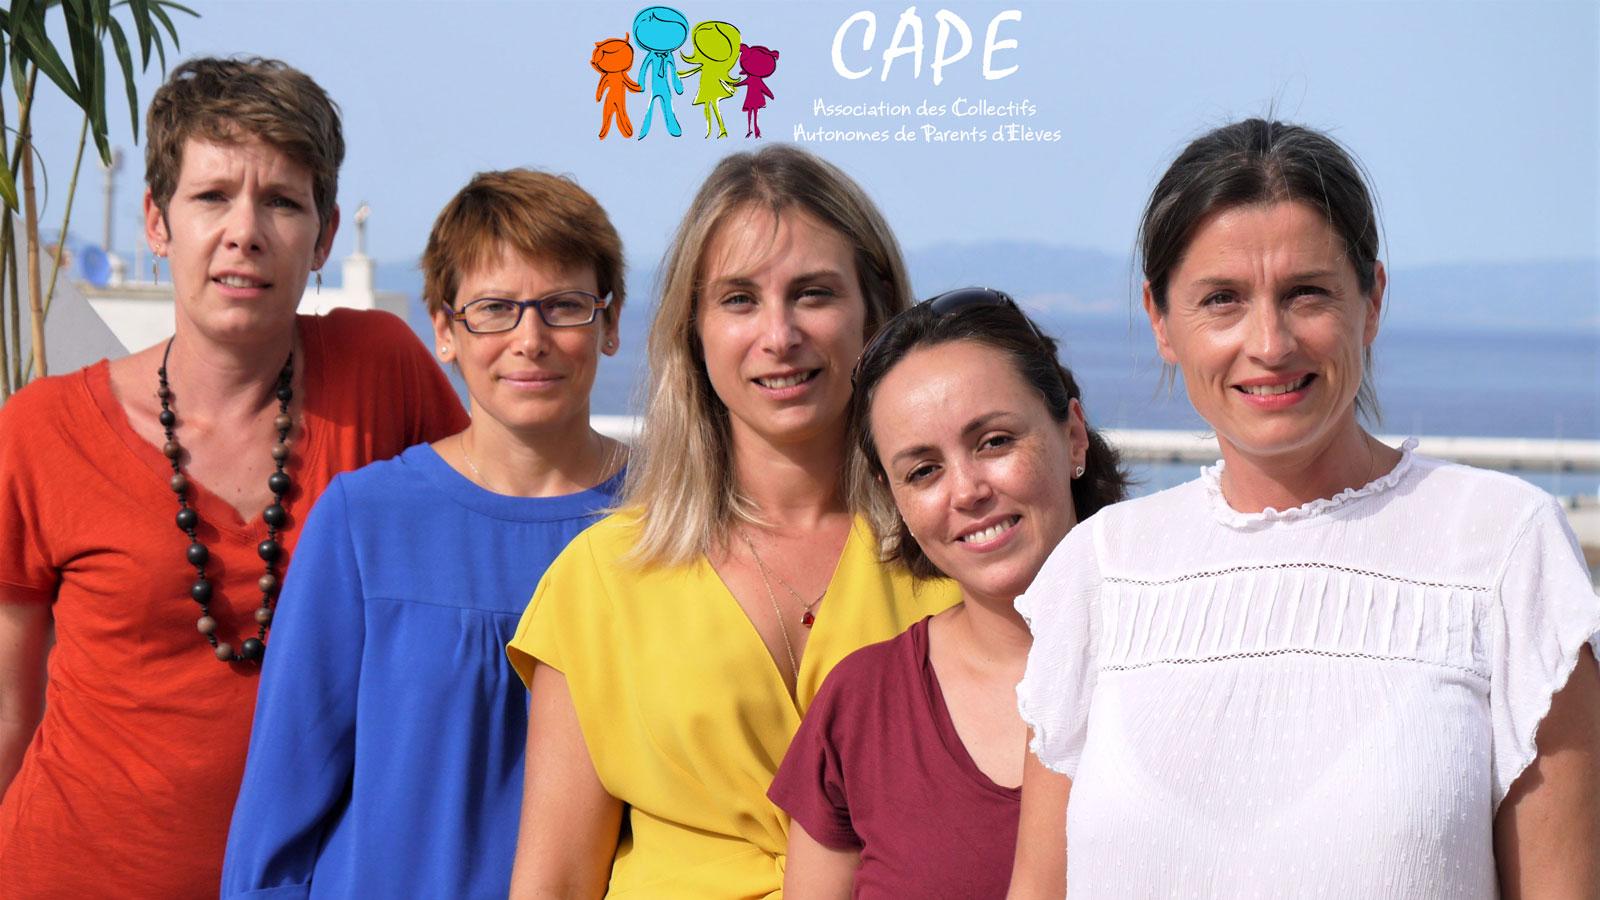 Représentants des parents d'élèves : choisissons le CAPE pour Berchet et Regnault